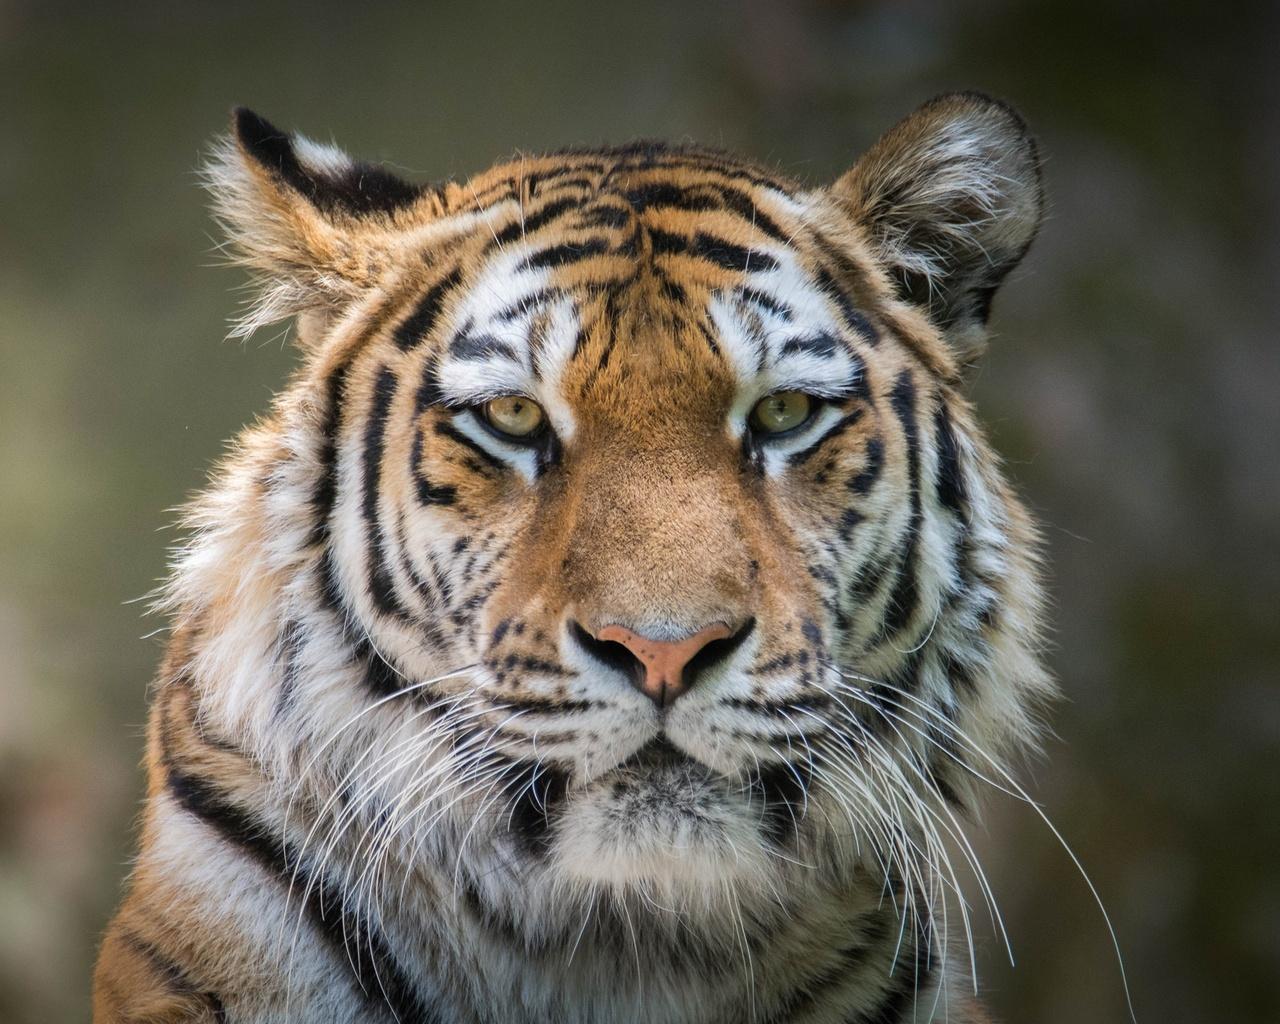 1280x1024 tiger 4k hd